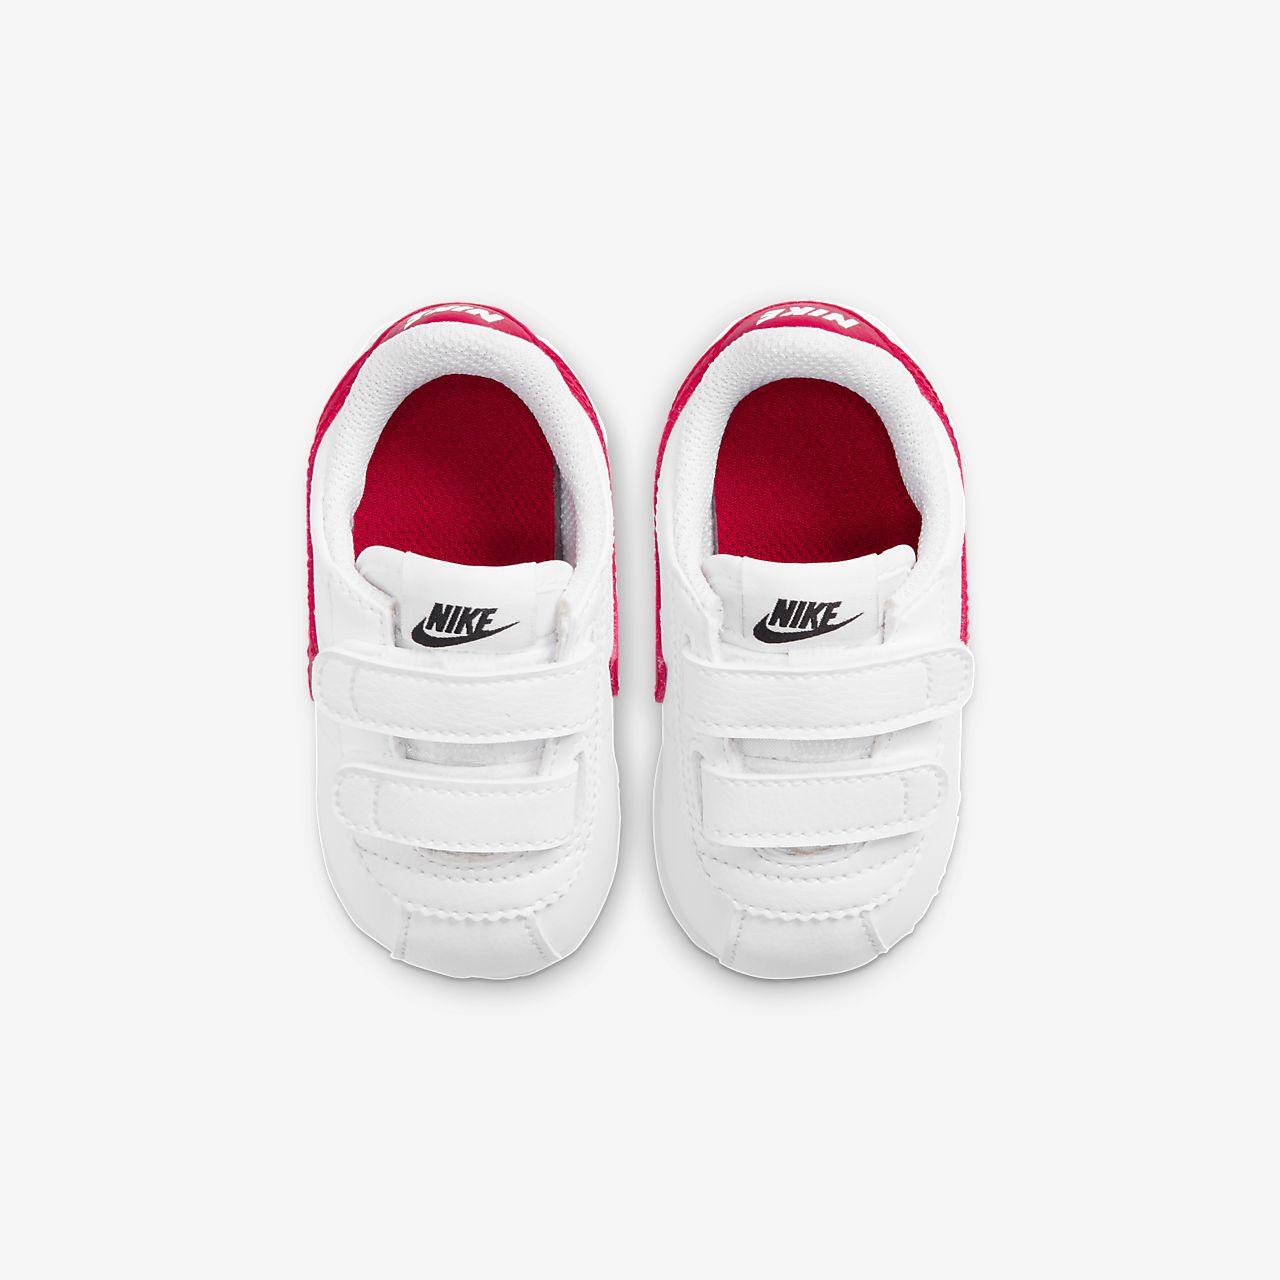 scarpe nike x neonati